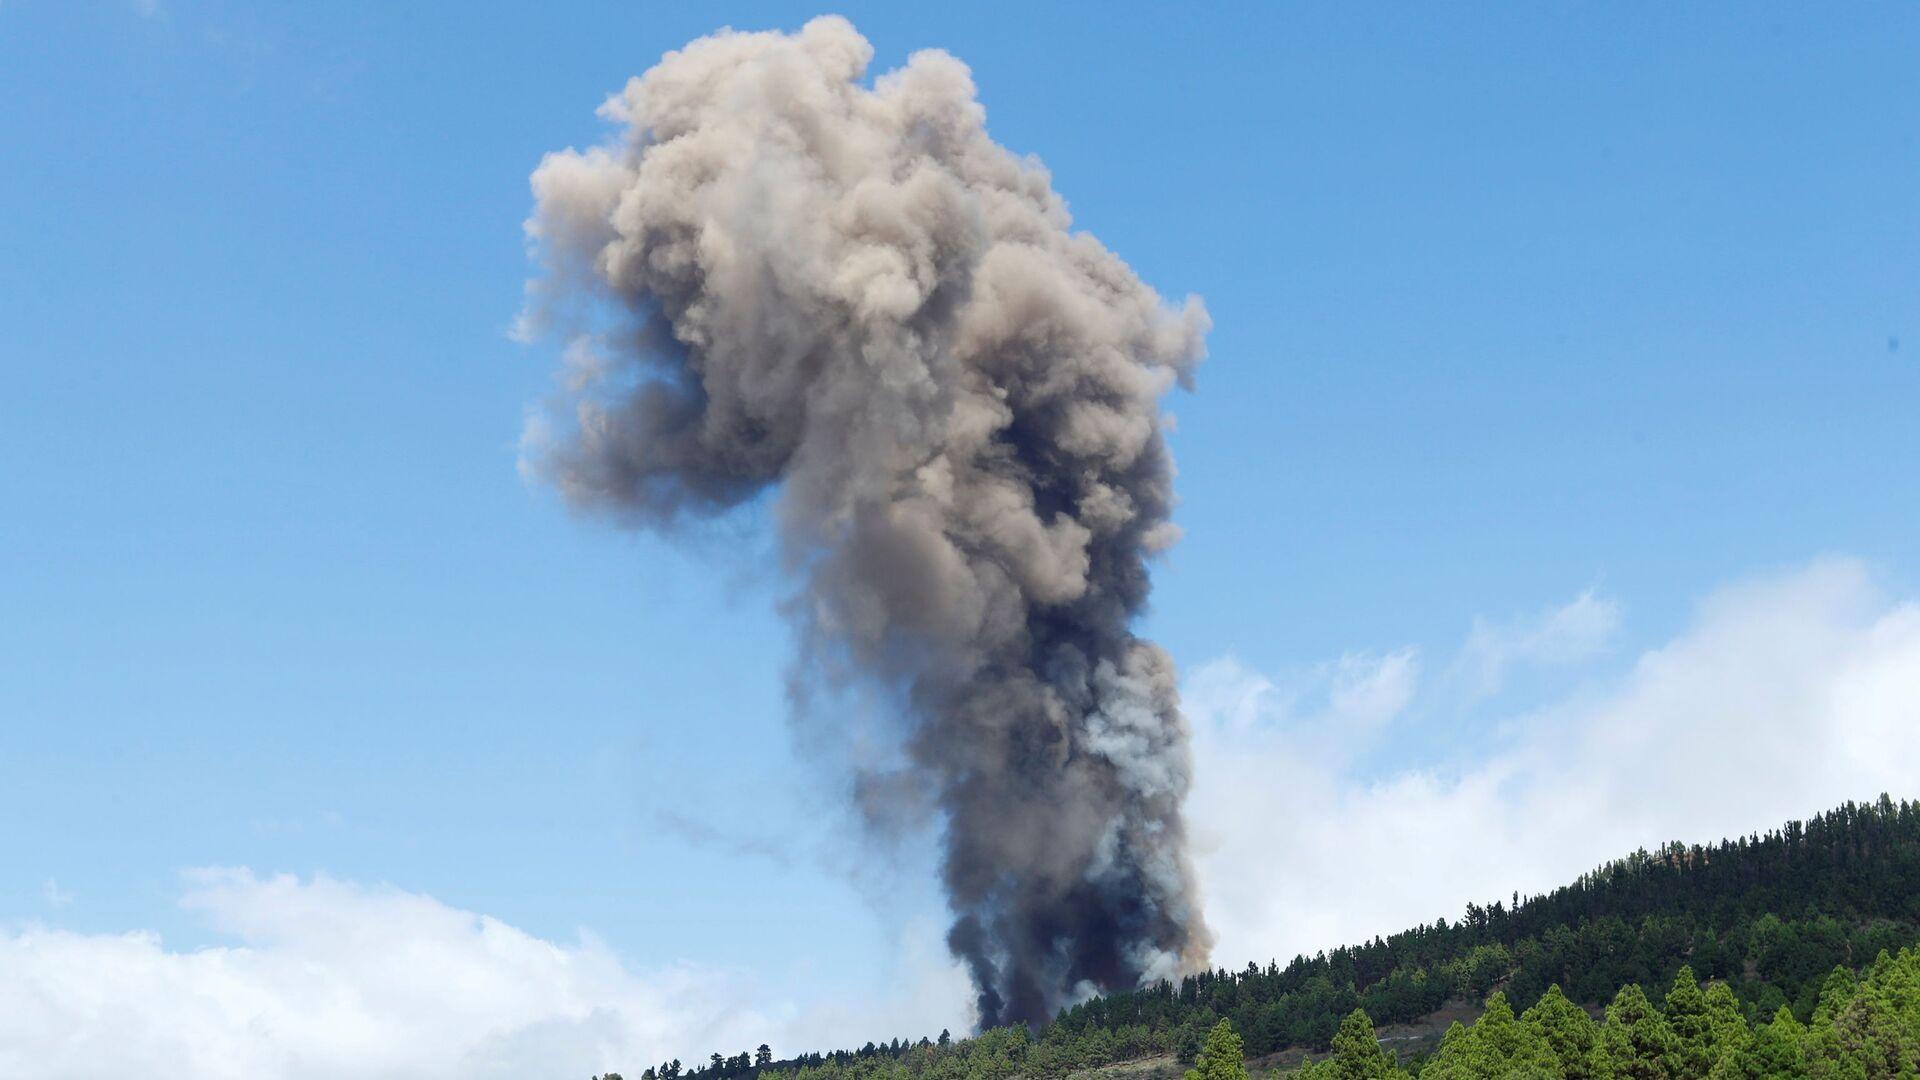 Na Kanárských ostrovech začala sopečná erupce - Sputnik Česká republika, 1920, 19.09.2021